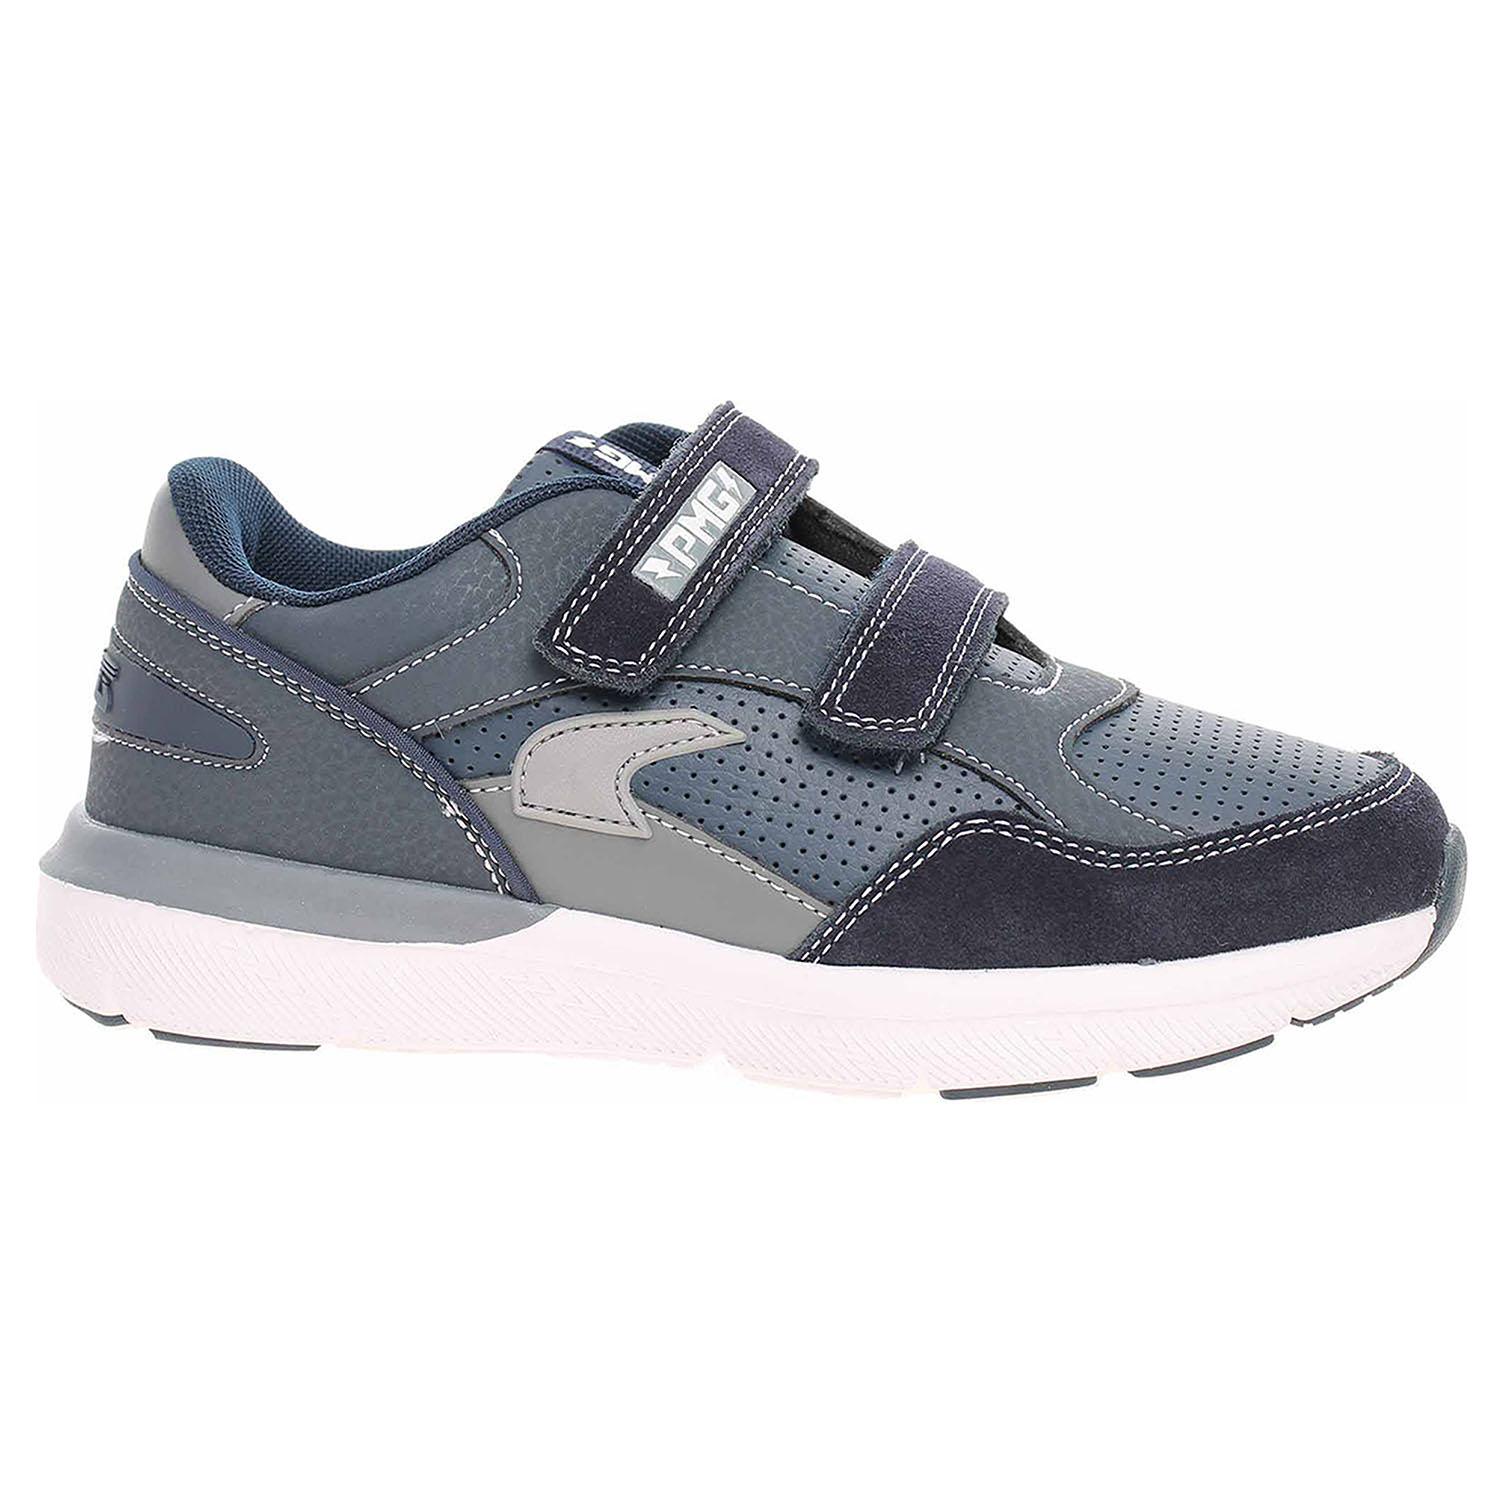 Chlapecká obuv Primigi 4452500 navy-navy 4452500 34